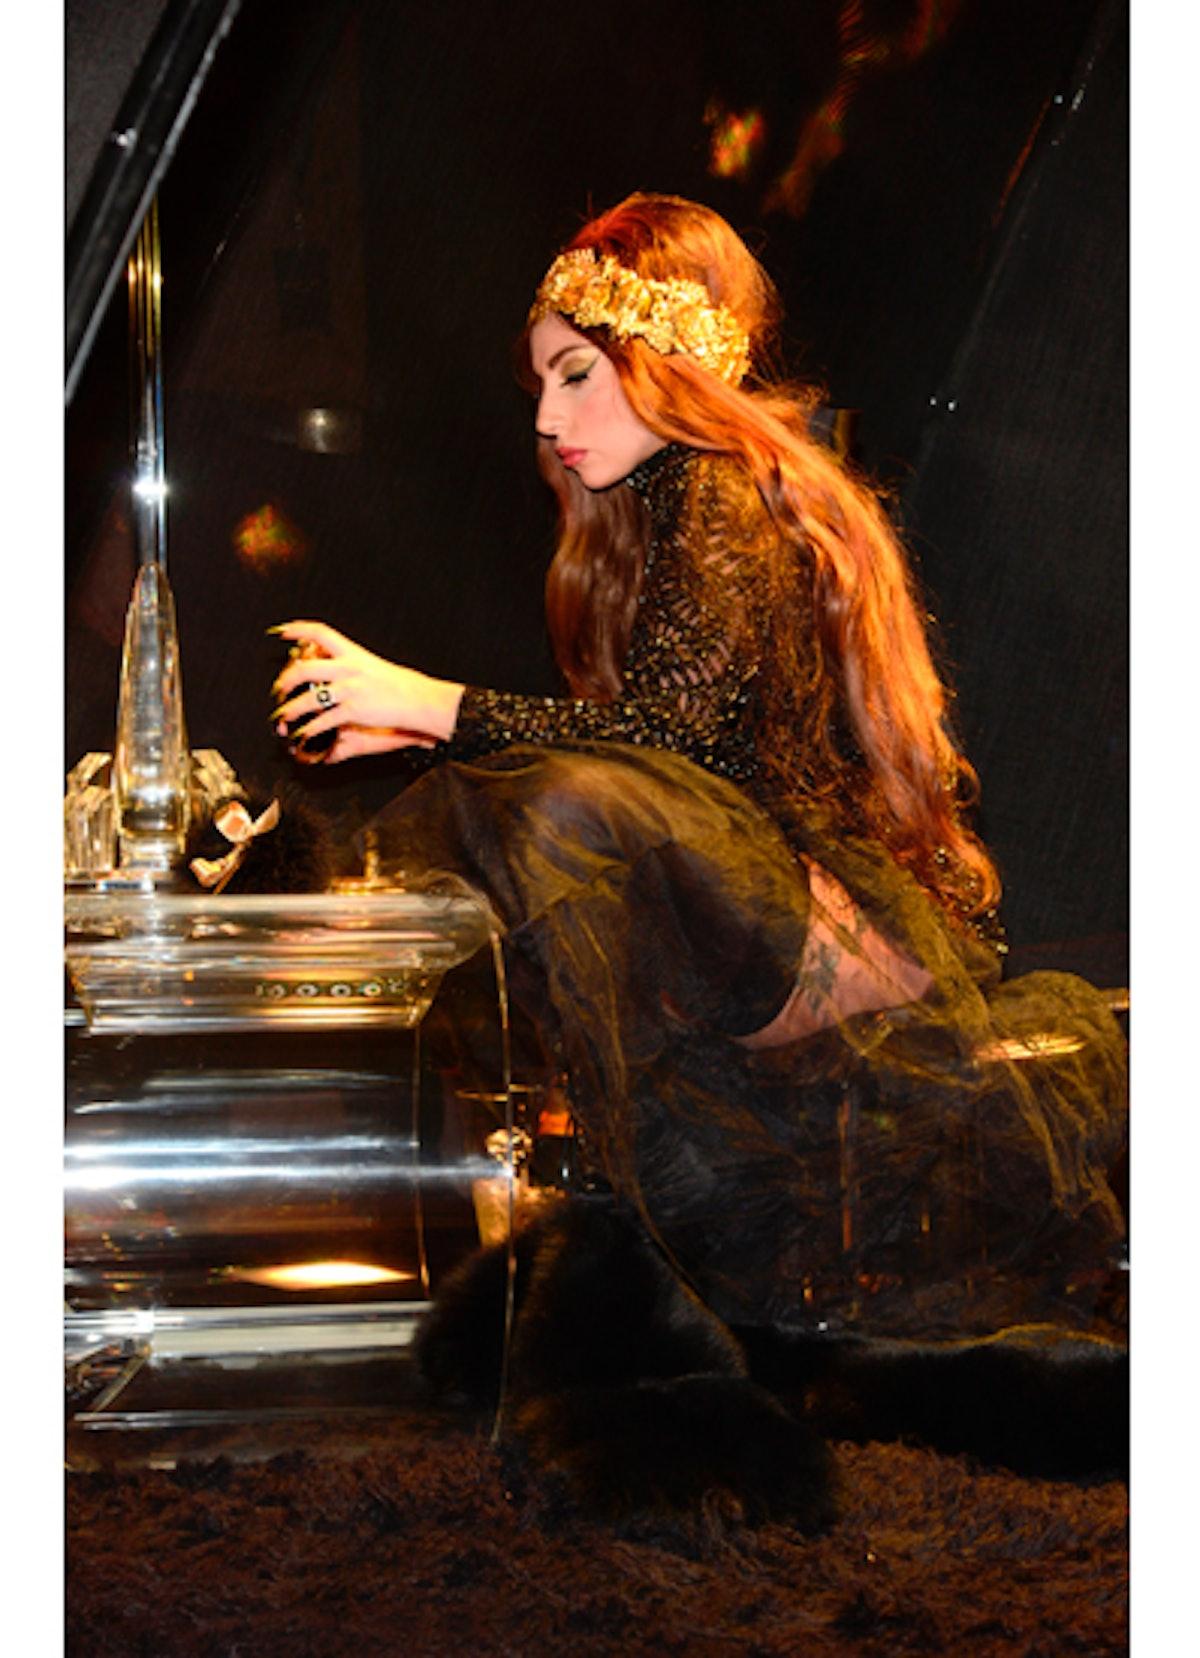 pass-lady-gaga-fame-fragrance-13-v.jpg